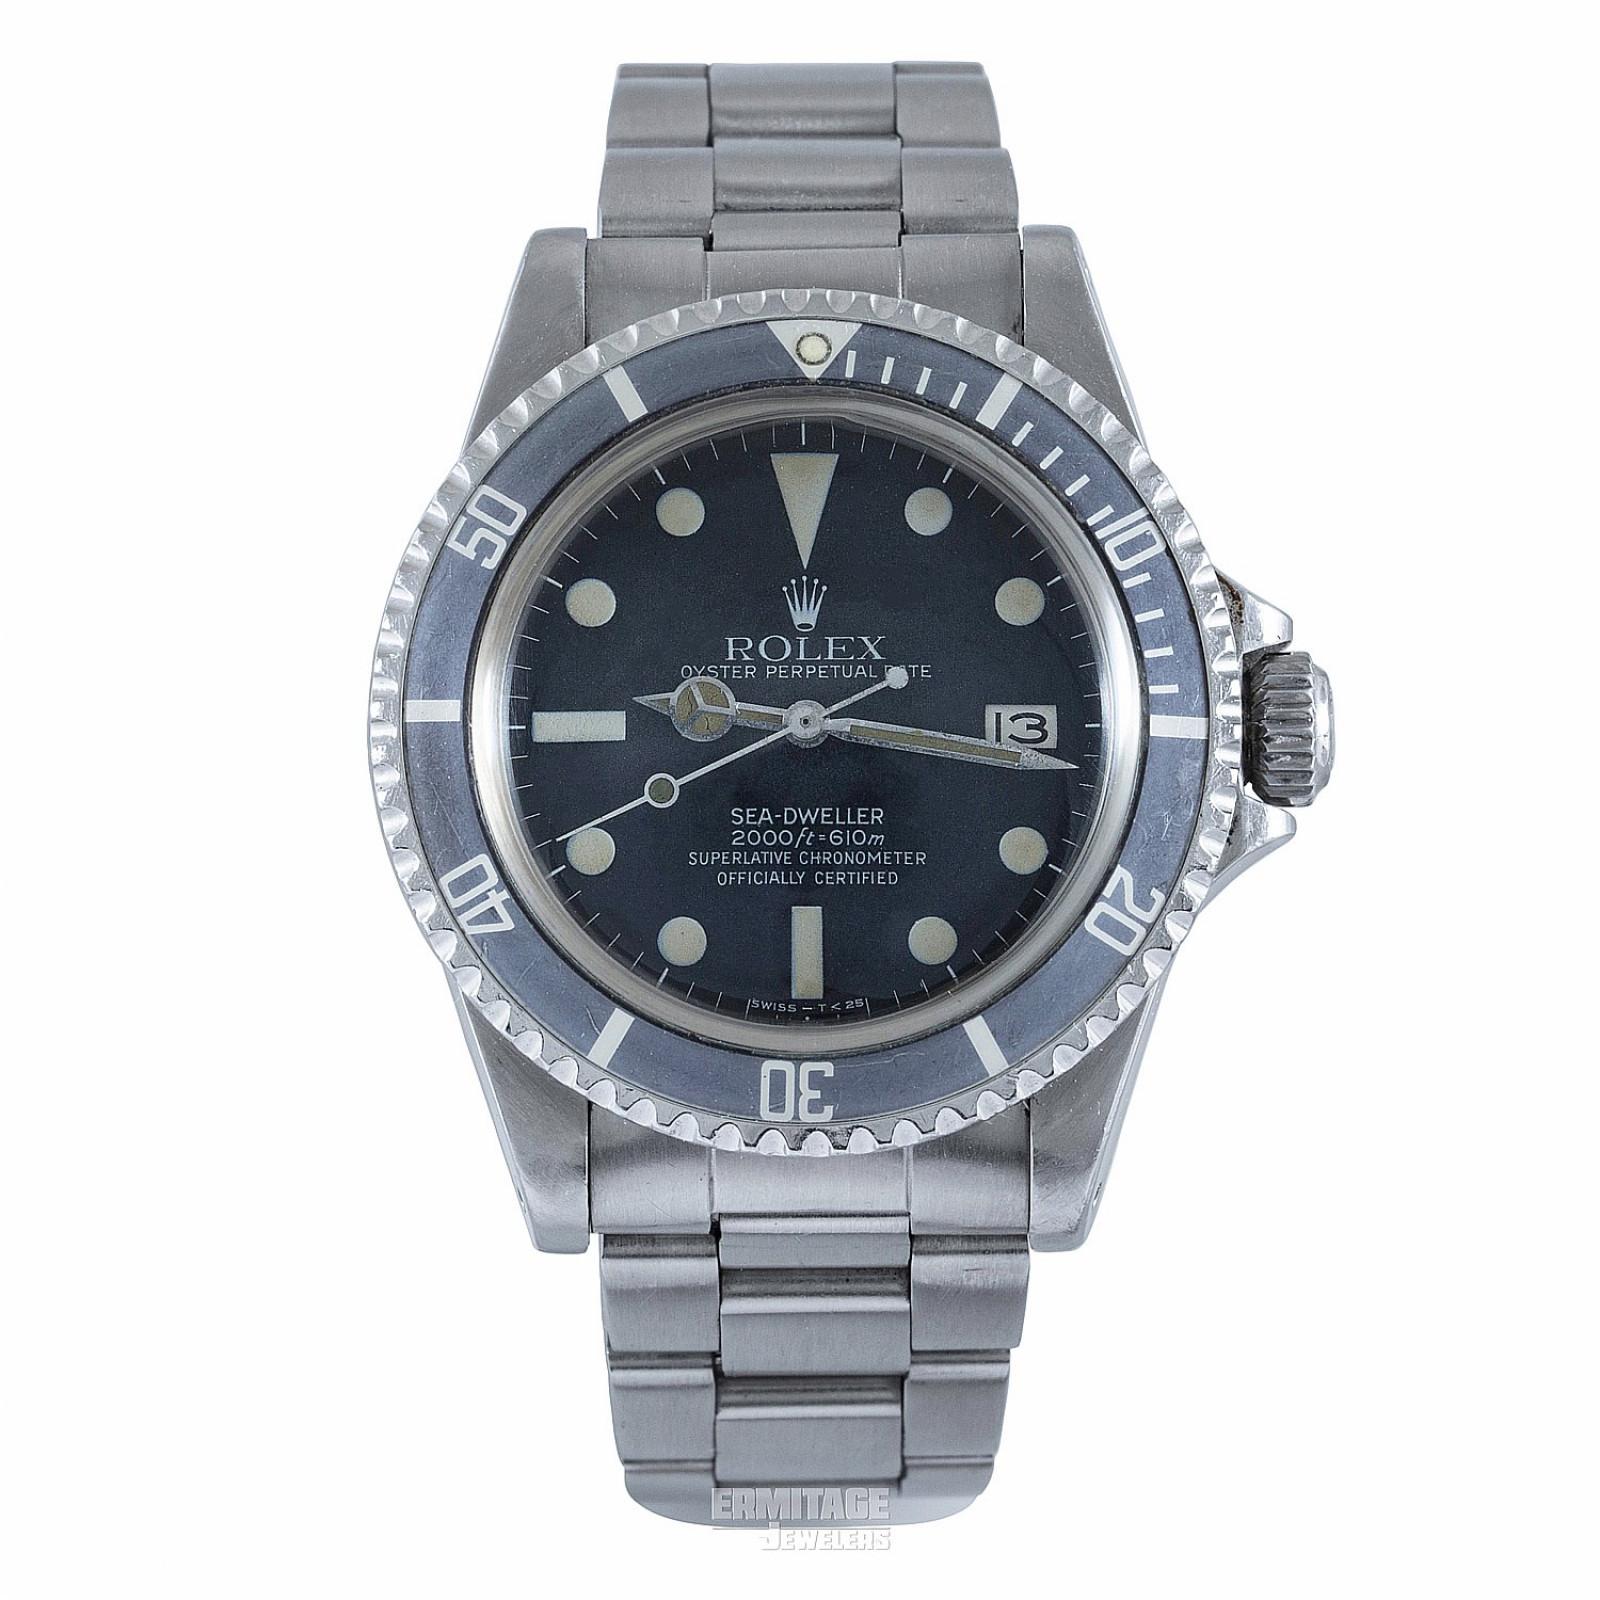 1980 Rolex Sea-Dweller Ref. 1665